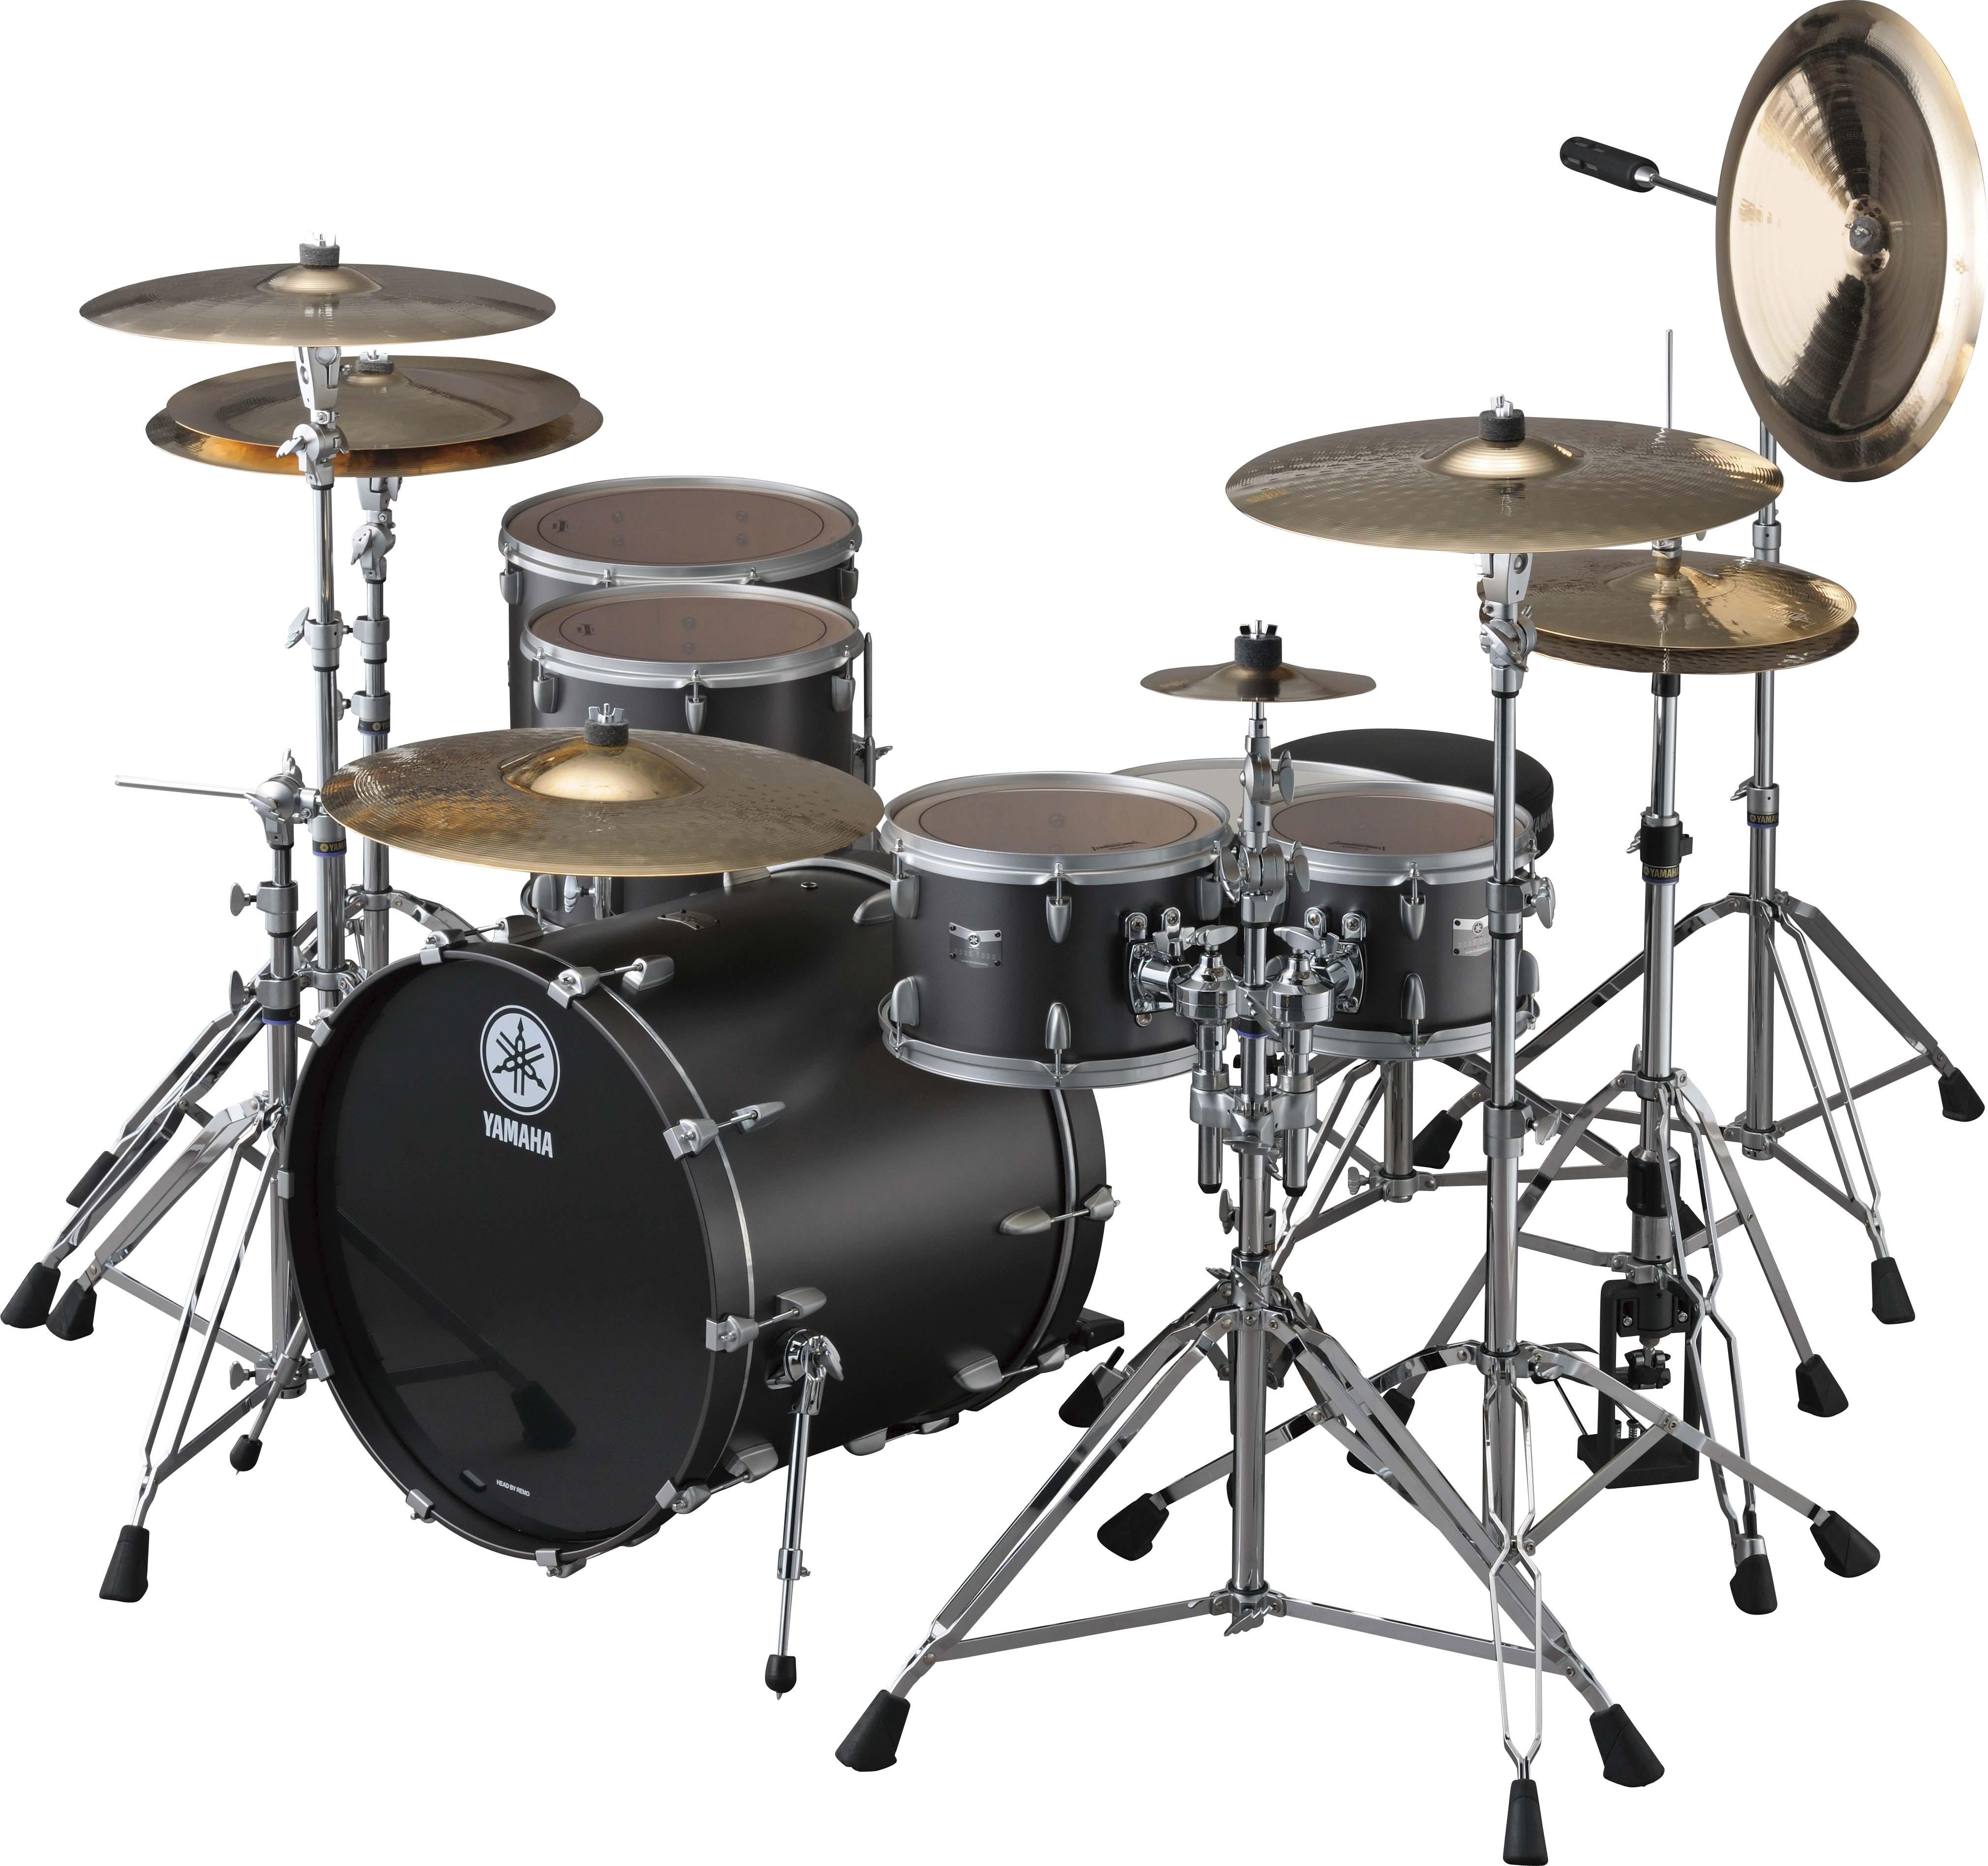 Yamaha Rock Tour Drums